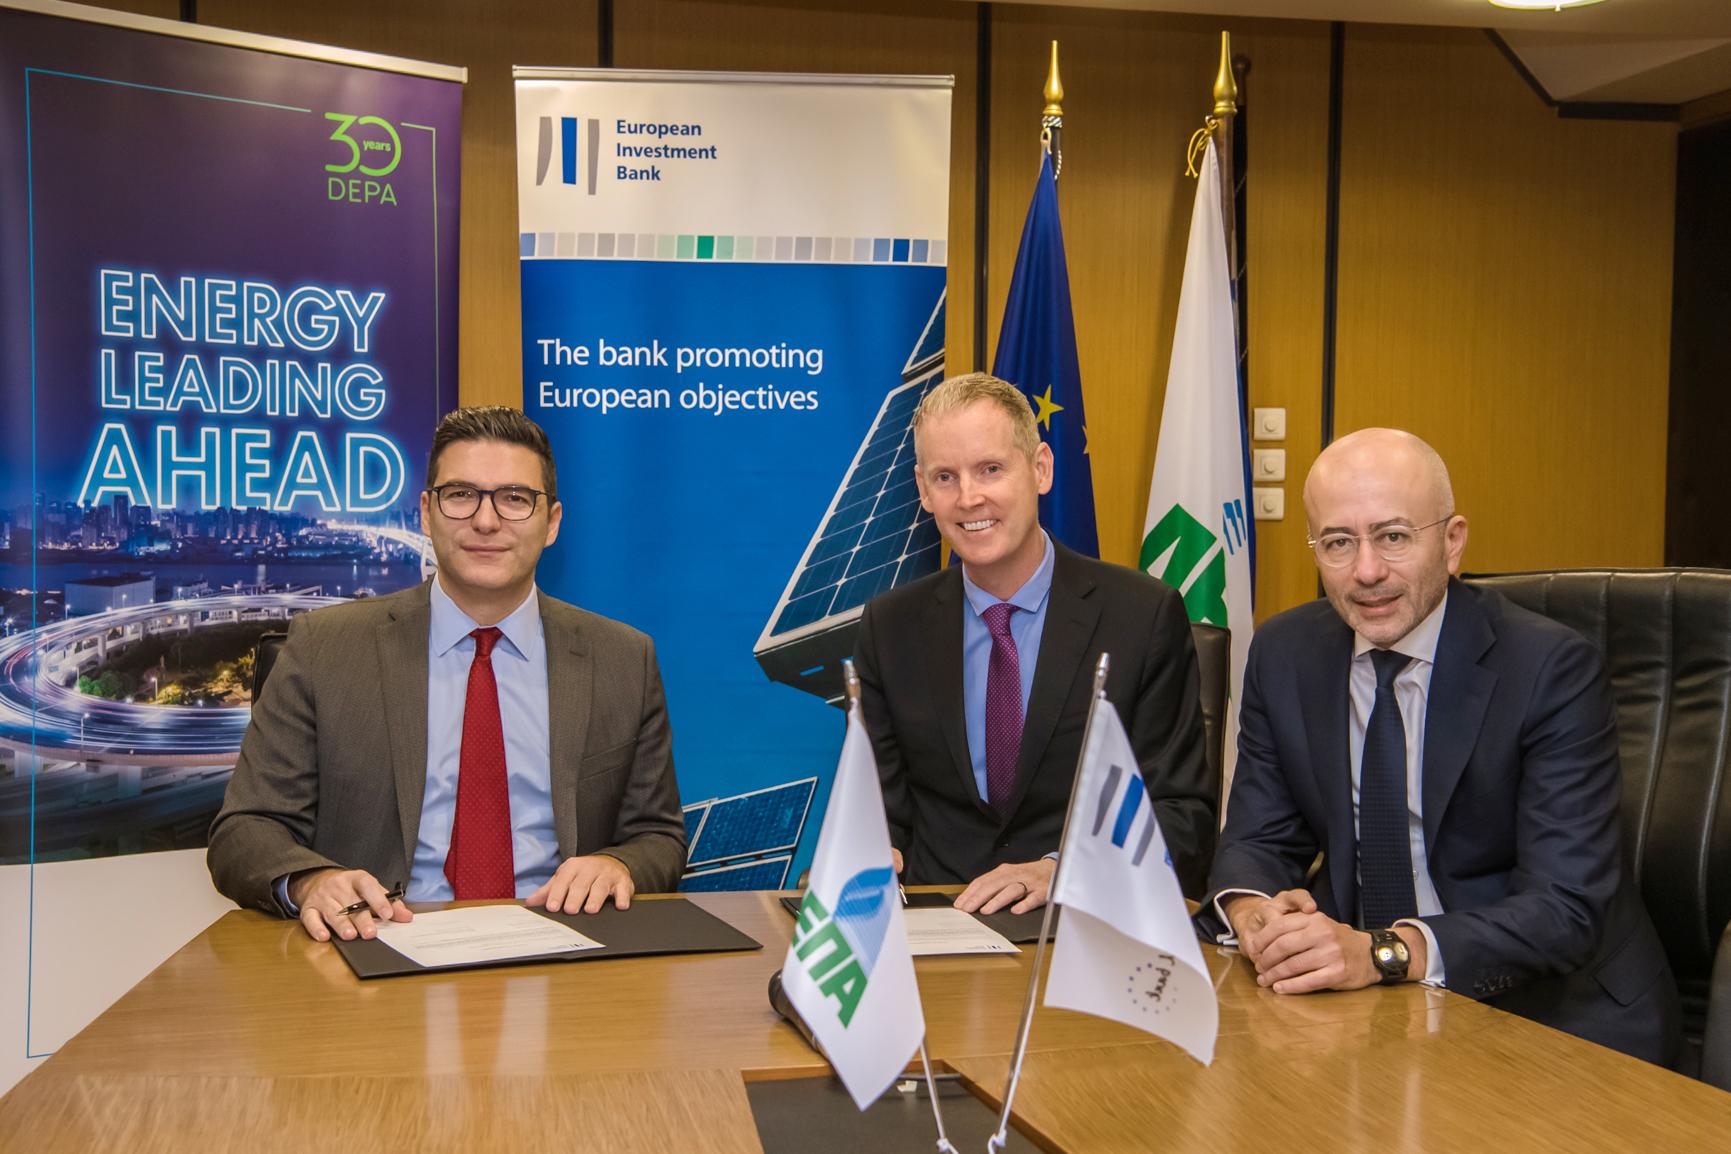 Συμφωνία χρηματοδότησης για την κατασκευή του πρώτου πλοίου τροφοδοσίας LNG για ναυτιλιακή χρήση στην Ανατολική Μεσόγειο